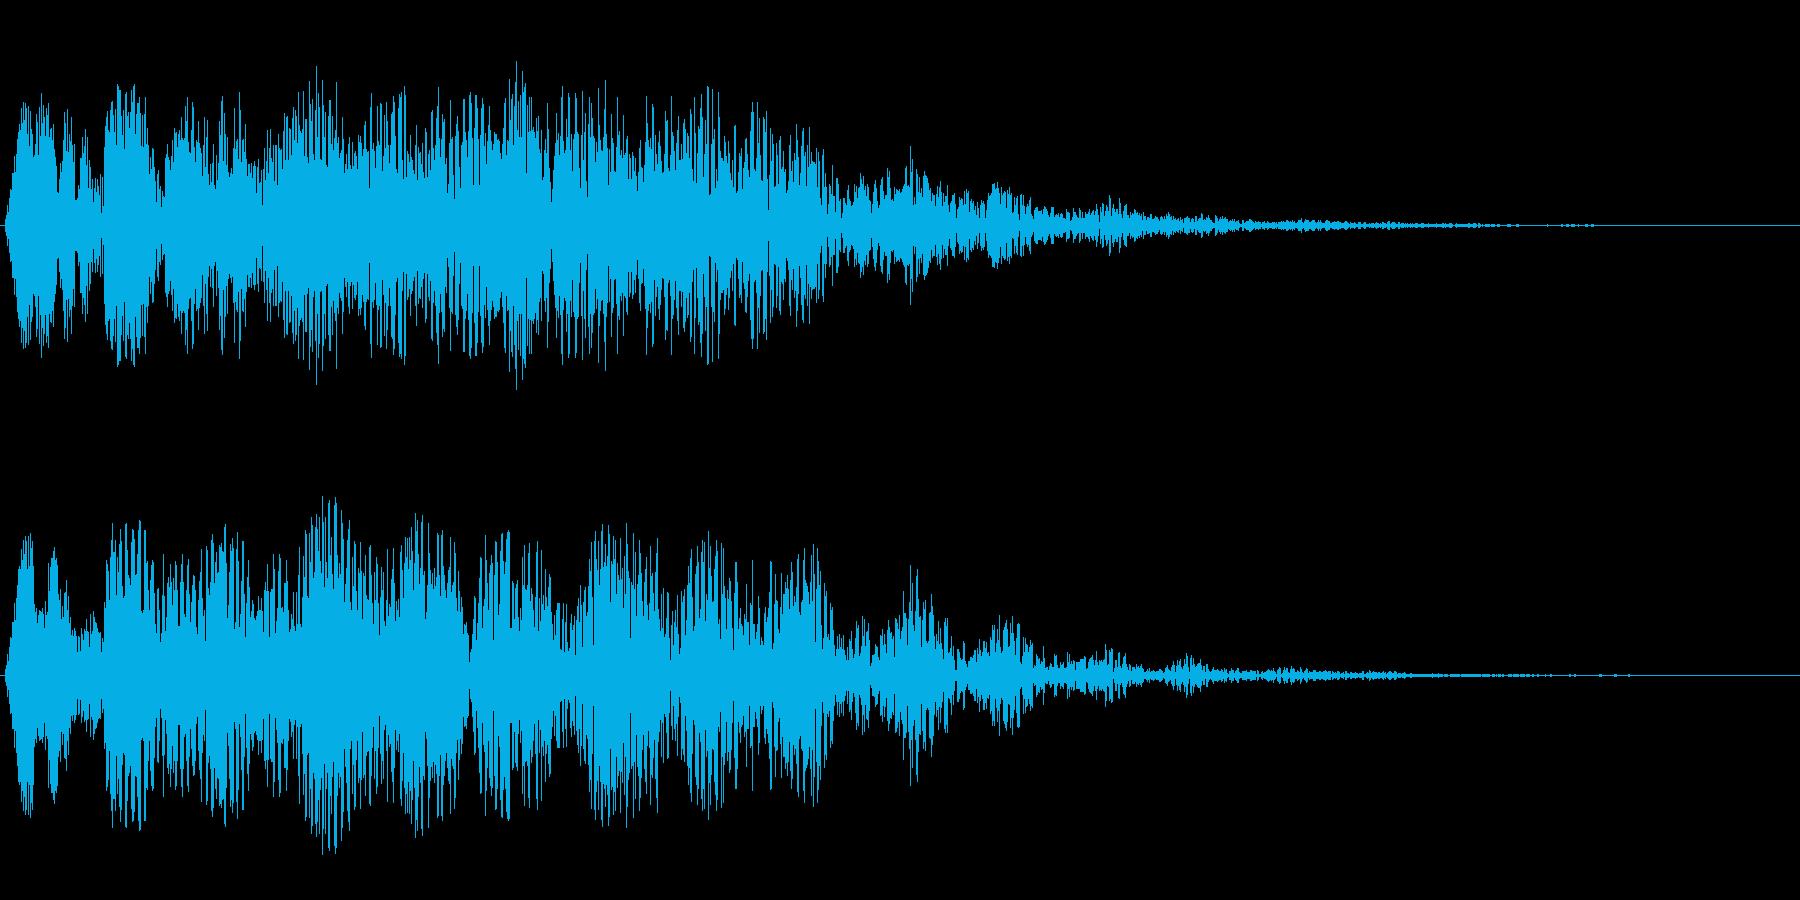 シンセサイザーの空間的なストリング音の再生済みの波形